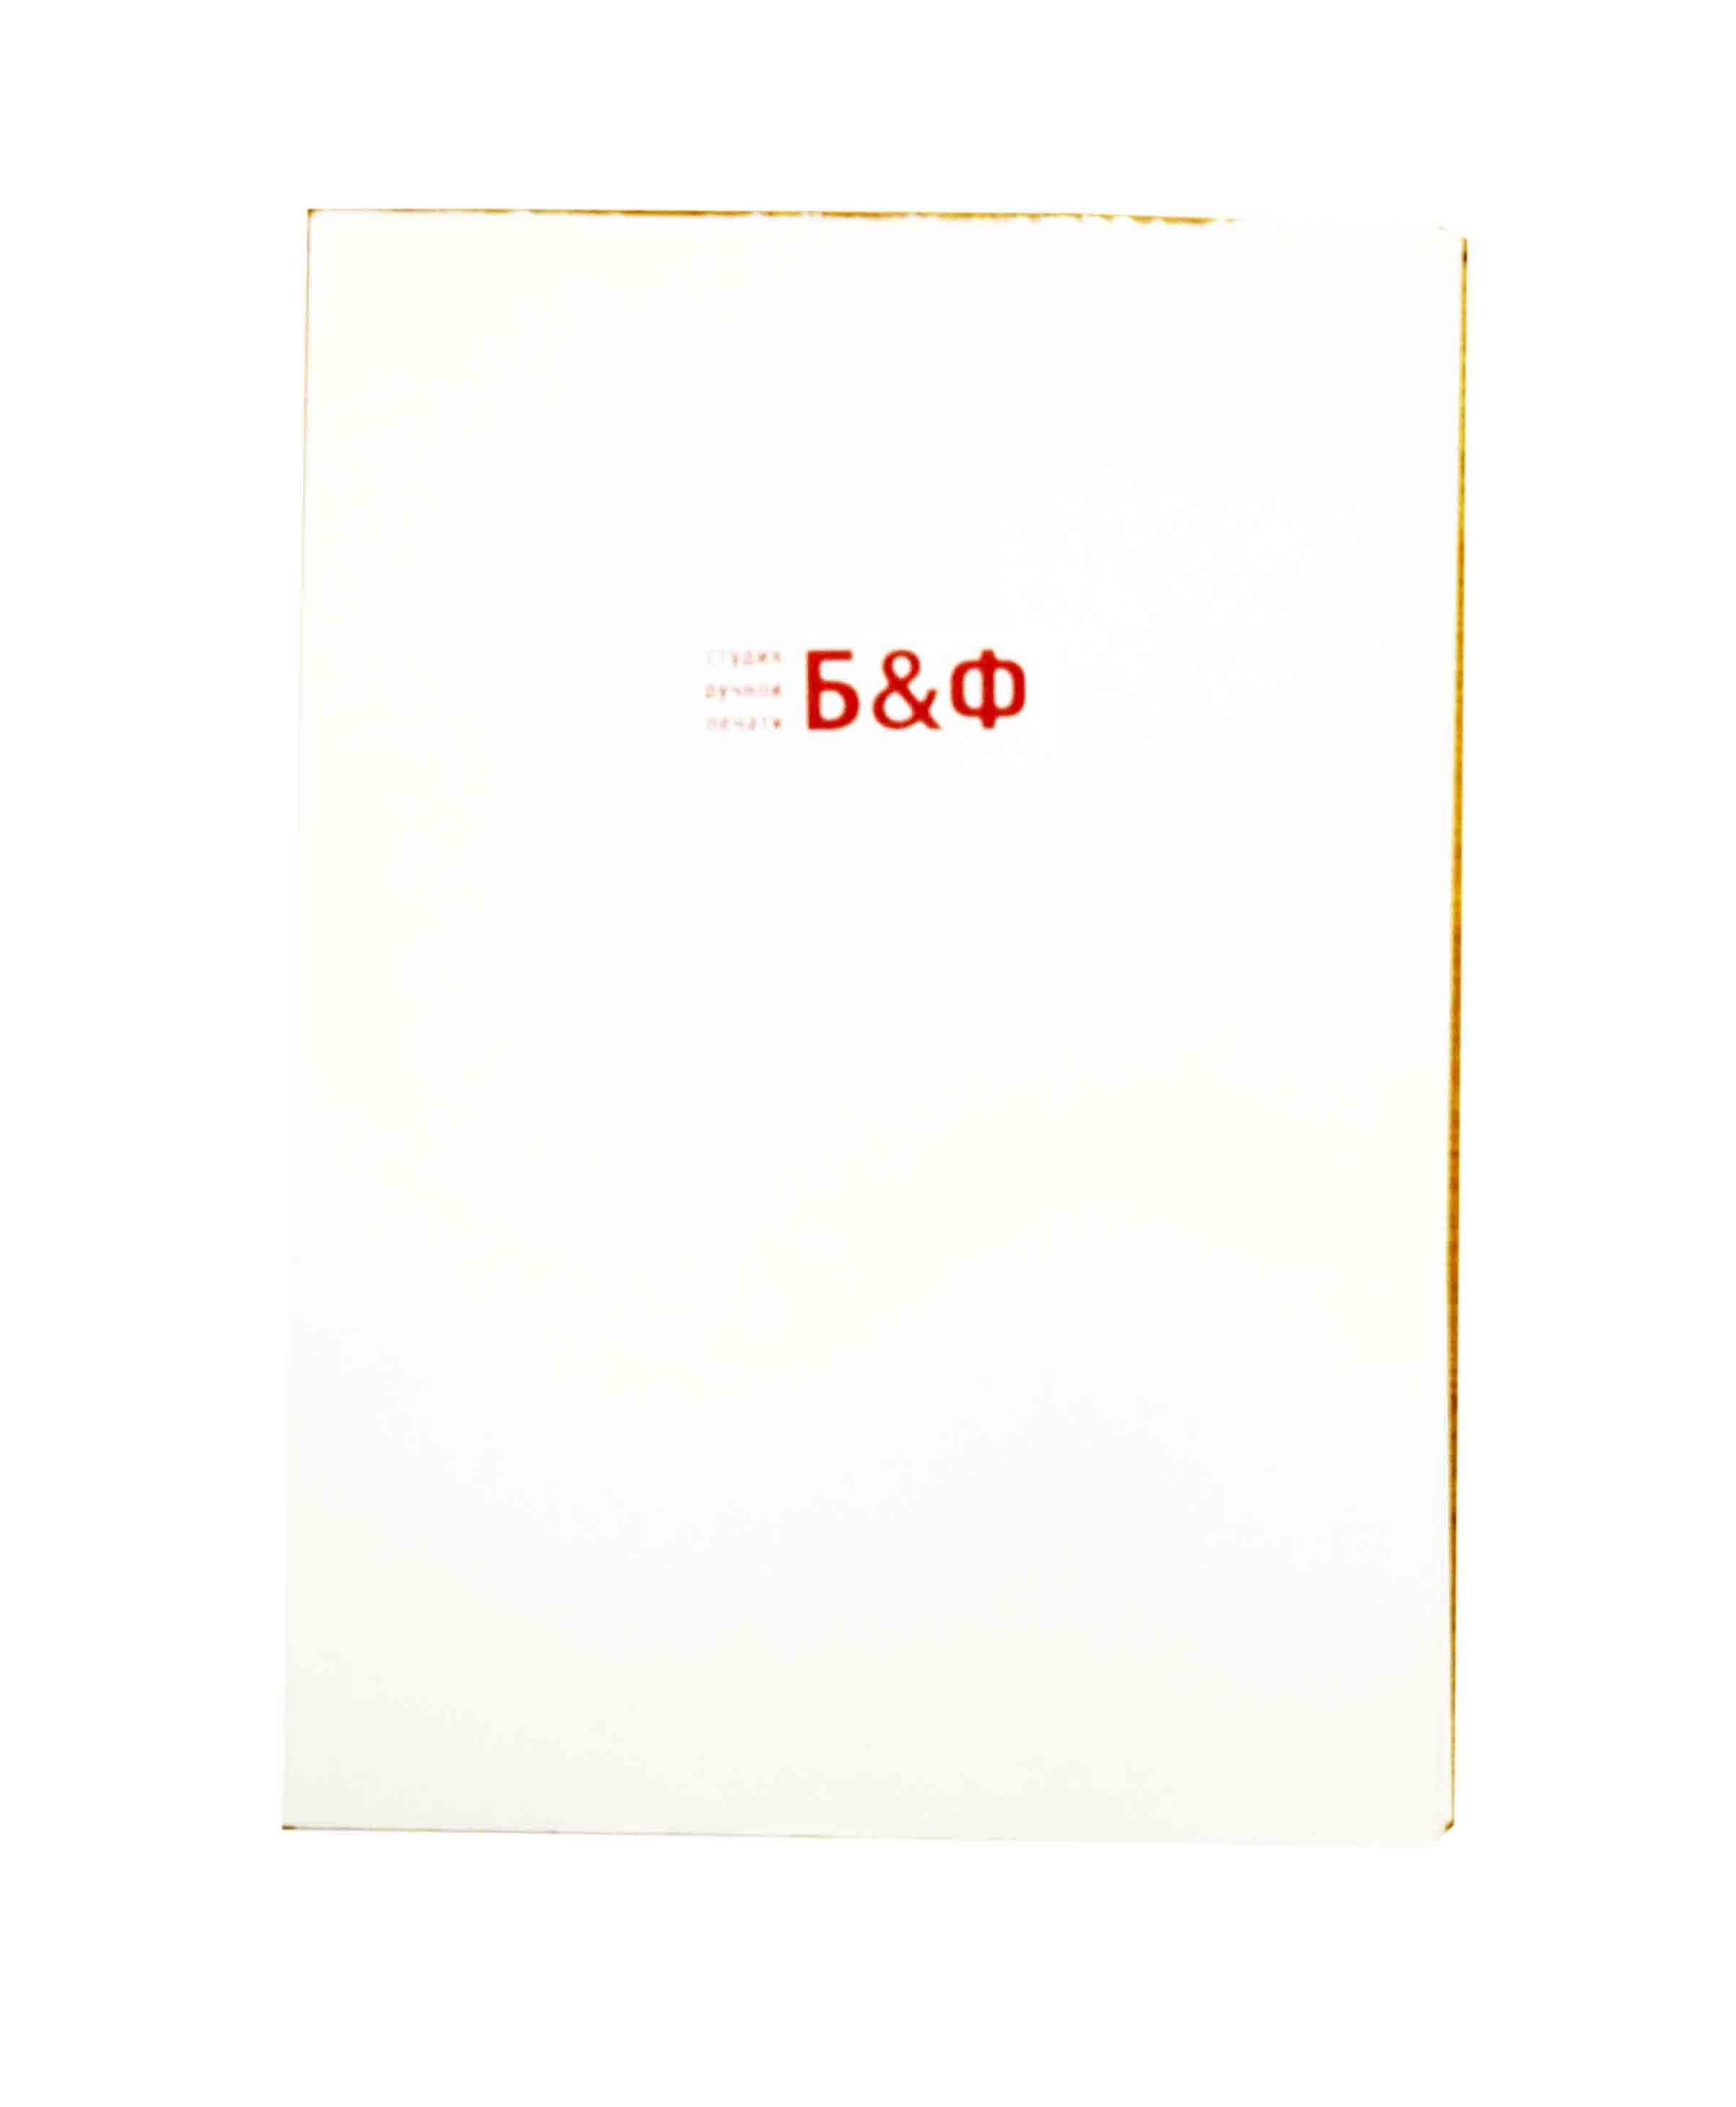 14791.JPG